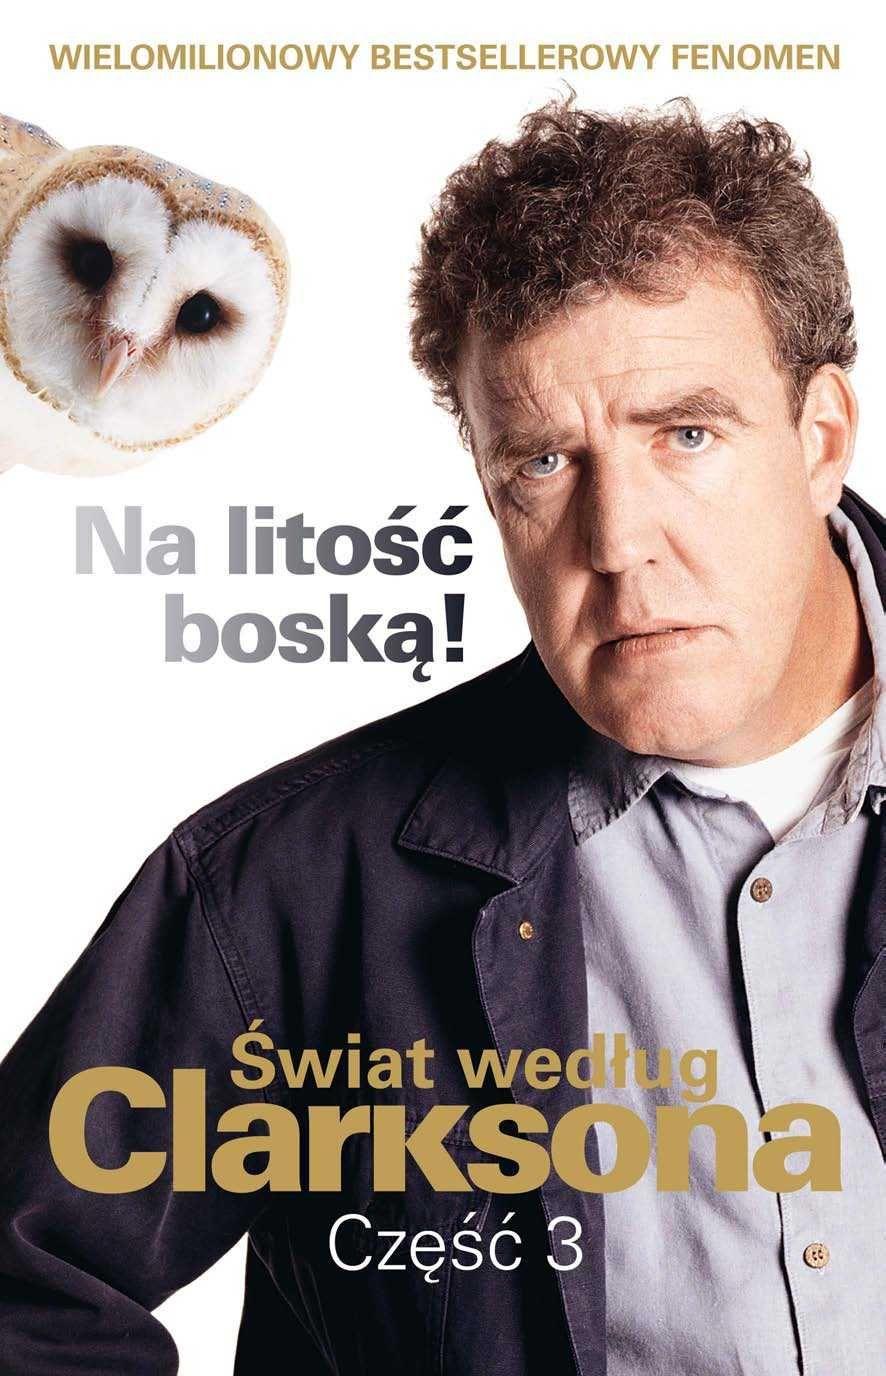 Świat według Clarksona, część 3: Na litość boską! - Ebook (Książka EPUB) do pobrania w formacie EPUB